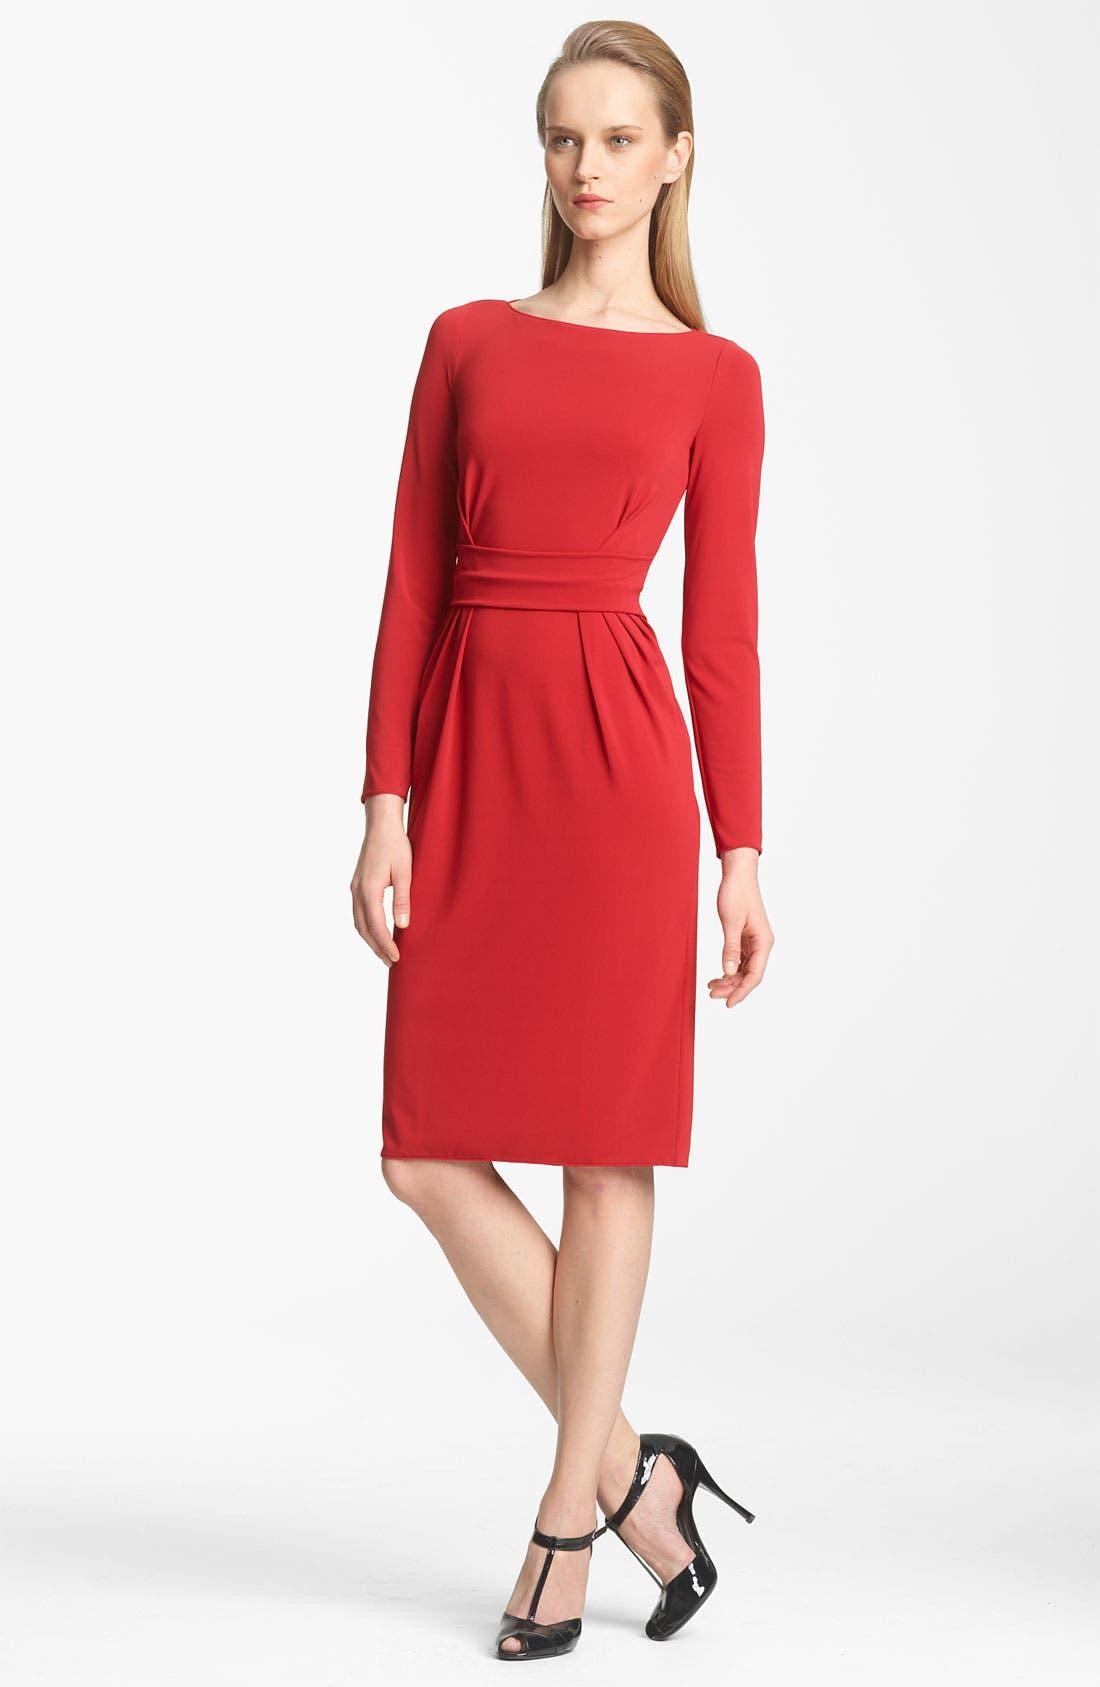 Alternate Image 1 Selected - Armani Collezioni Cutout Back Matte Jersey Dress